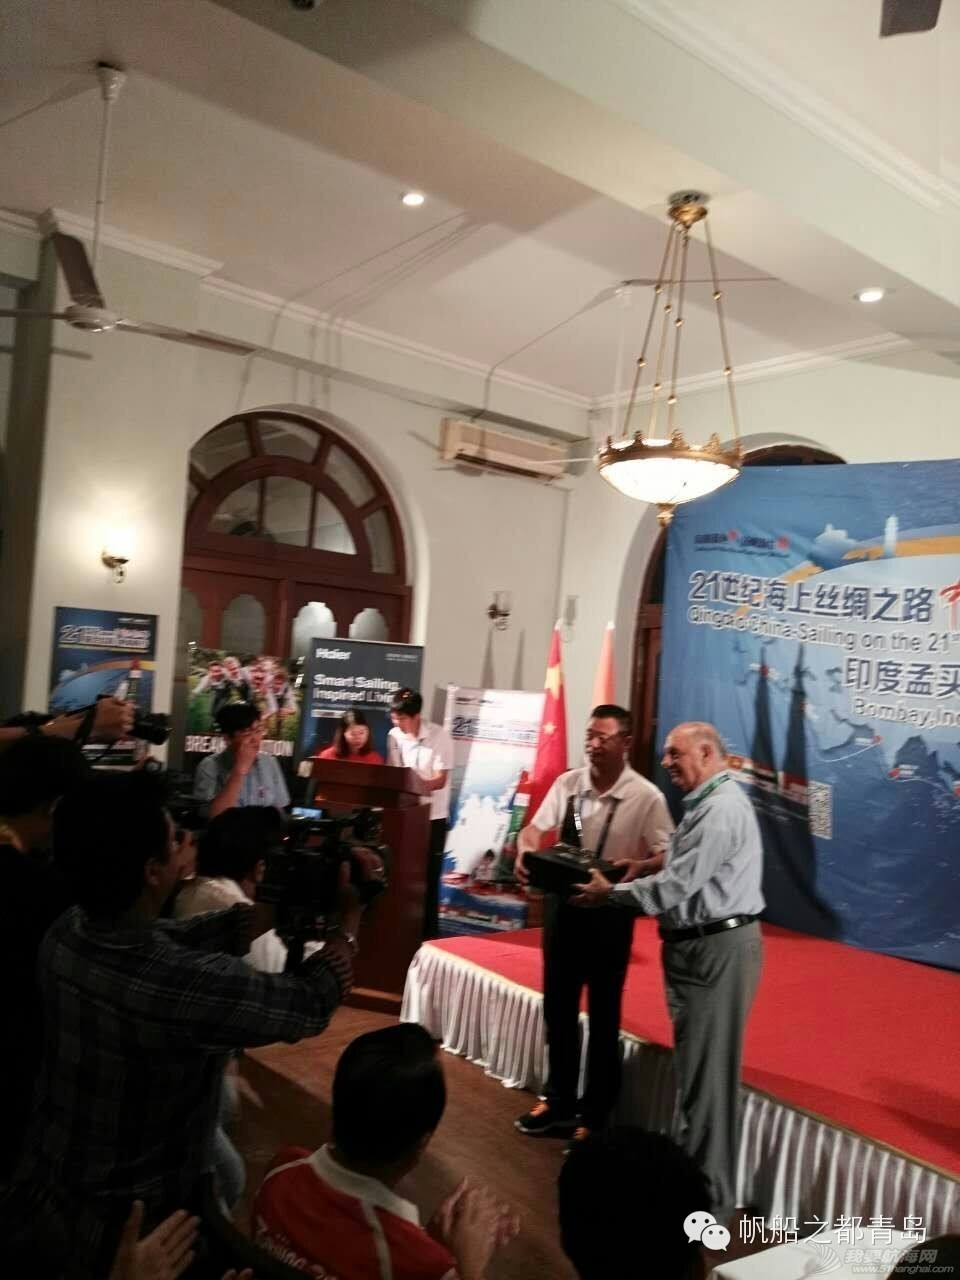 """21世纪海上丝绸之路龙象携手合作启新篇:你好,印度!丨""""中国·青岛""""号停靠印度孟买 f93f050c11660a385c9610a535cff27b.jpg"""